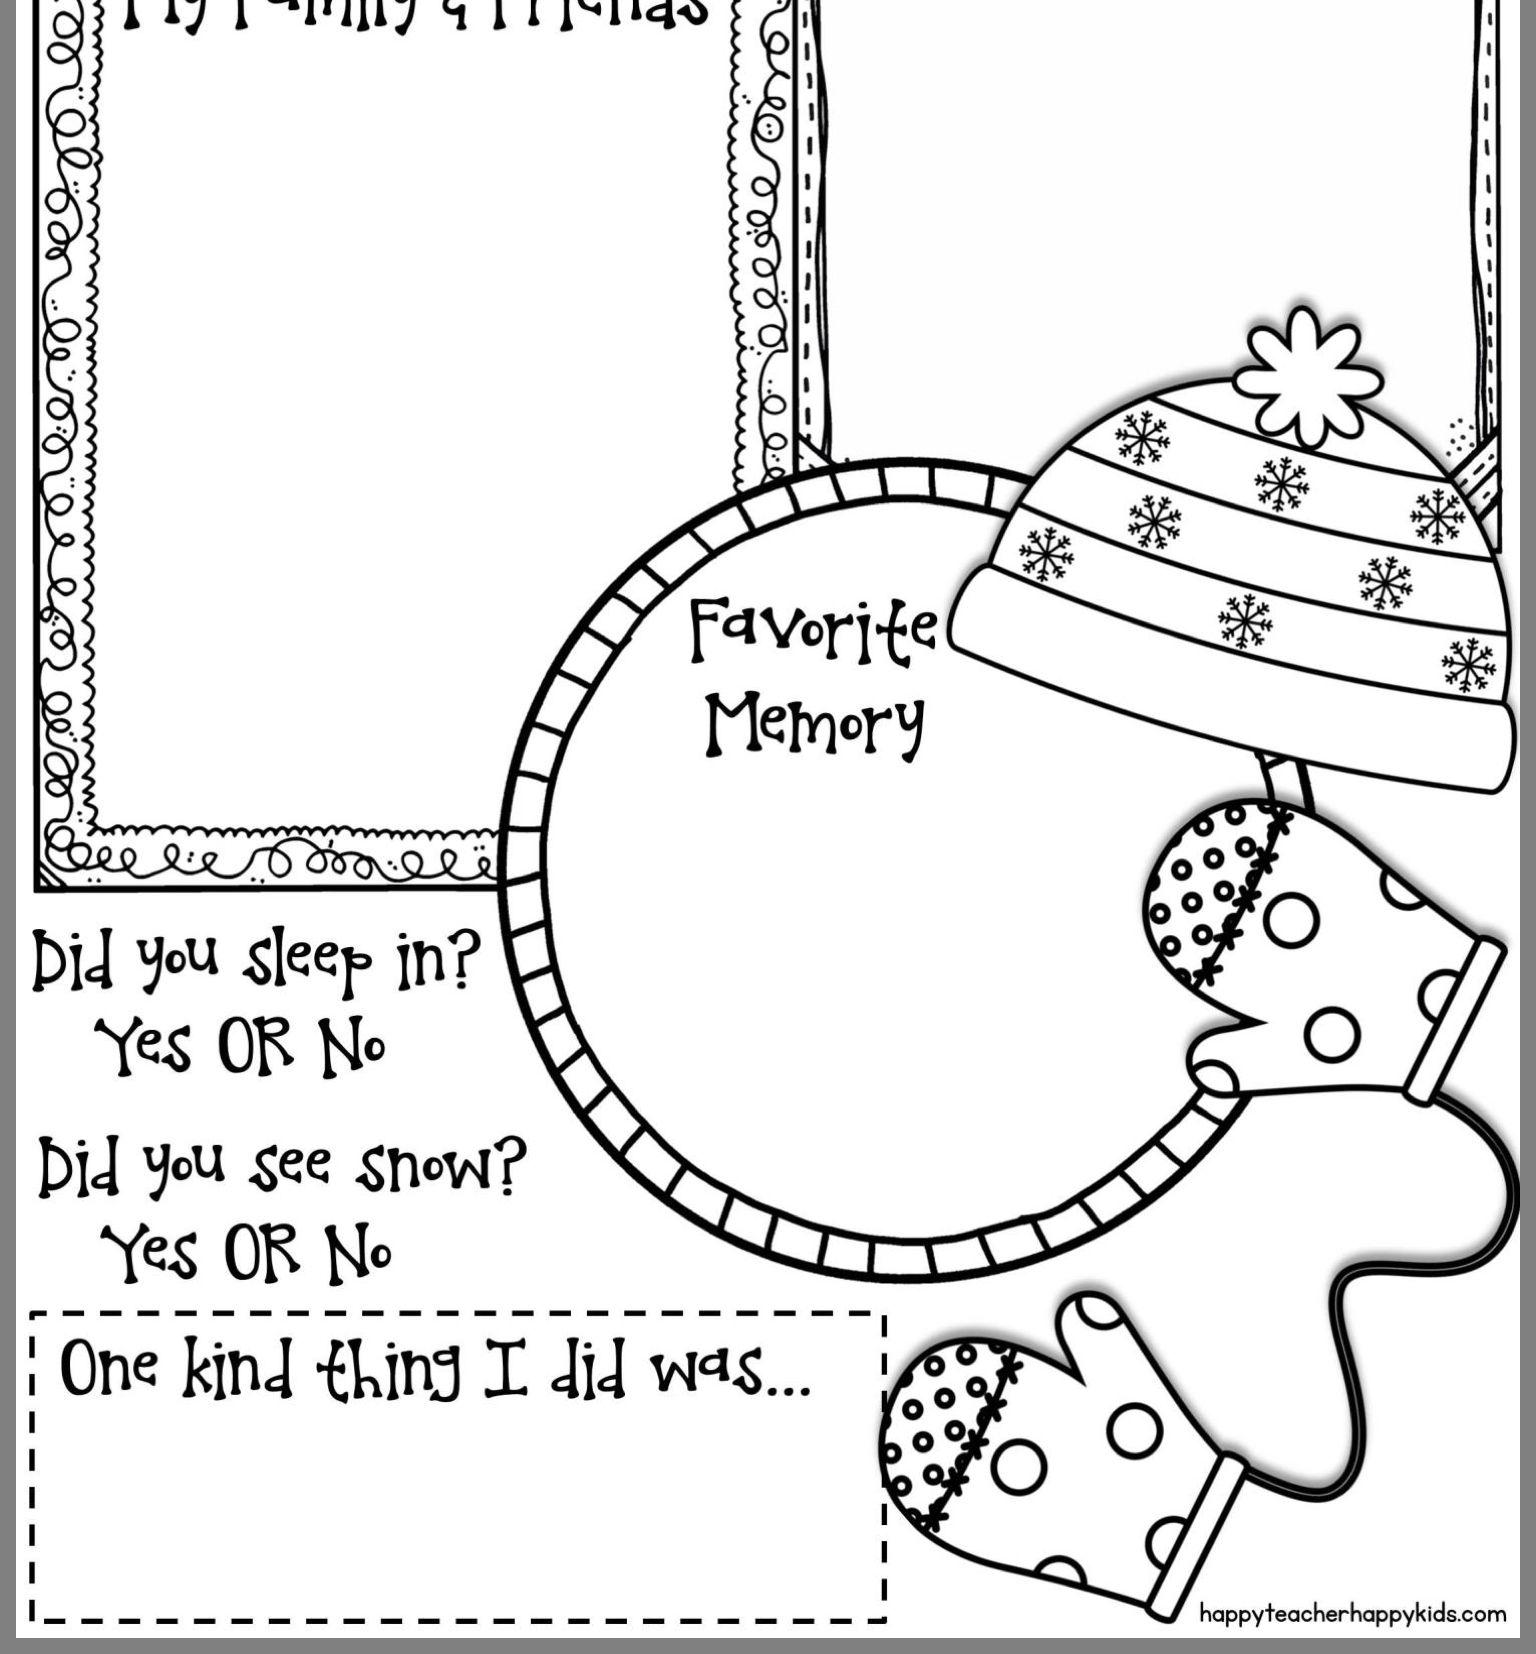 Pin On School Ideas